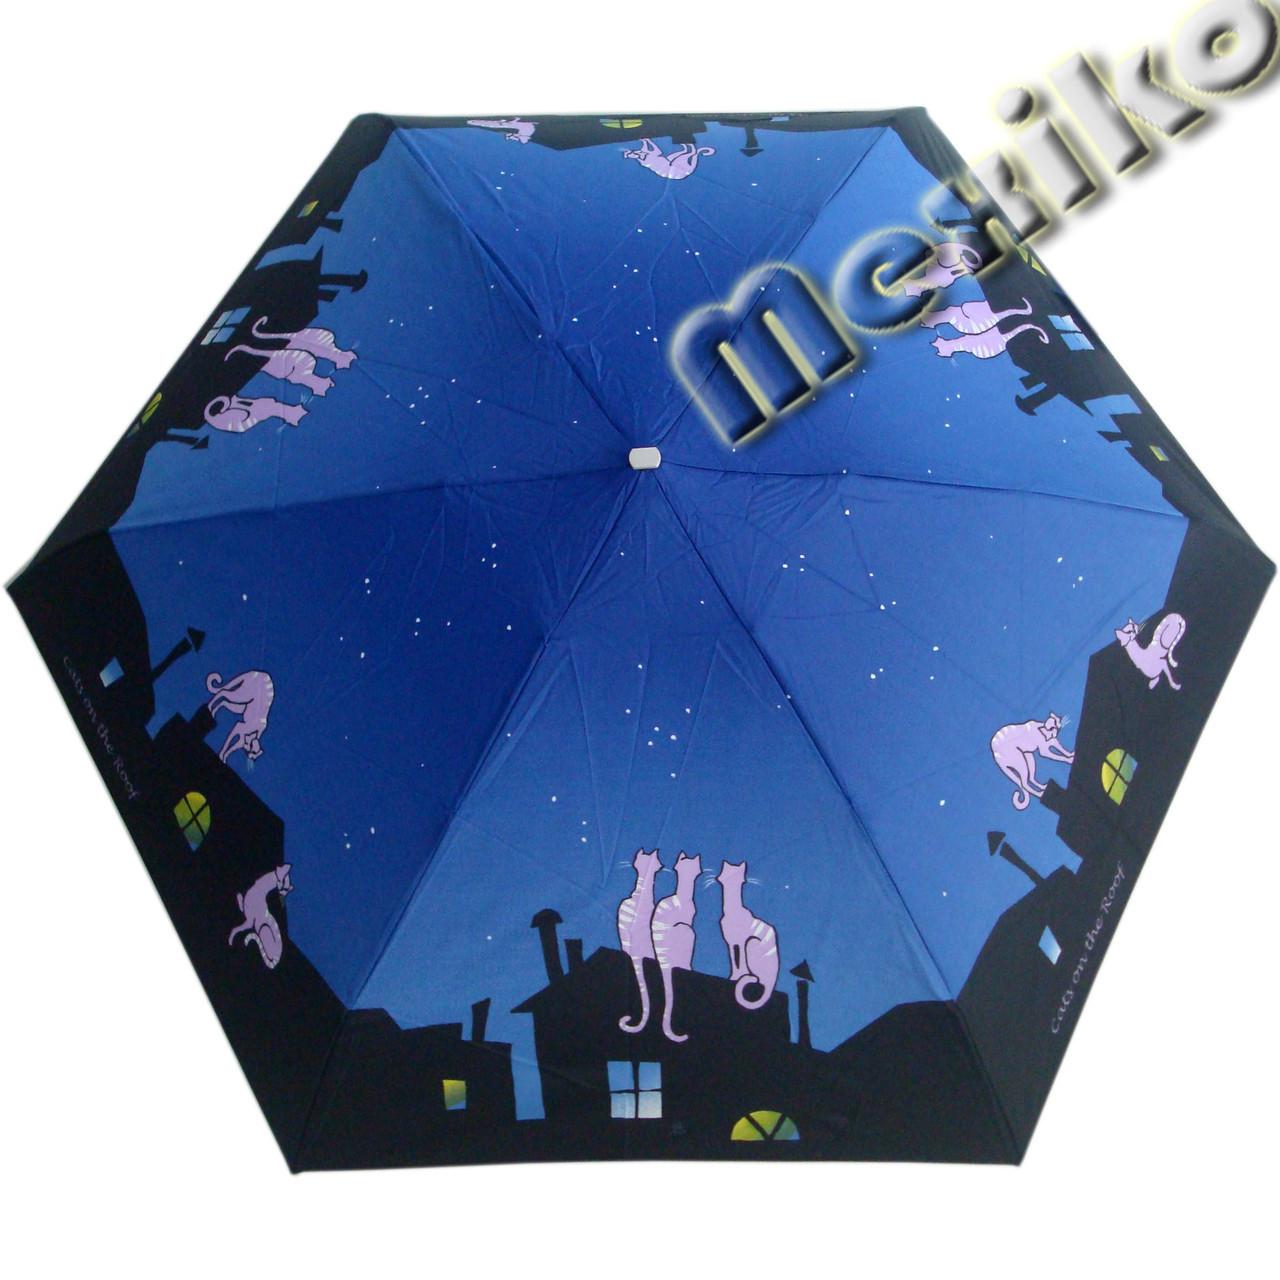 Зонт ZEST женский механика 5 сложений, цветной плоский. Расцветка Коты на крыше